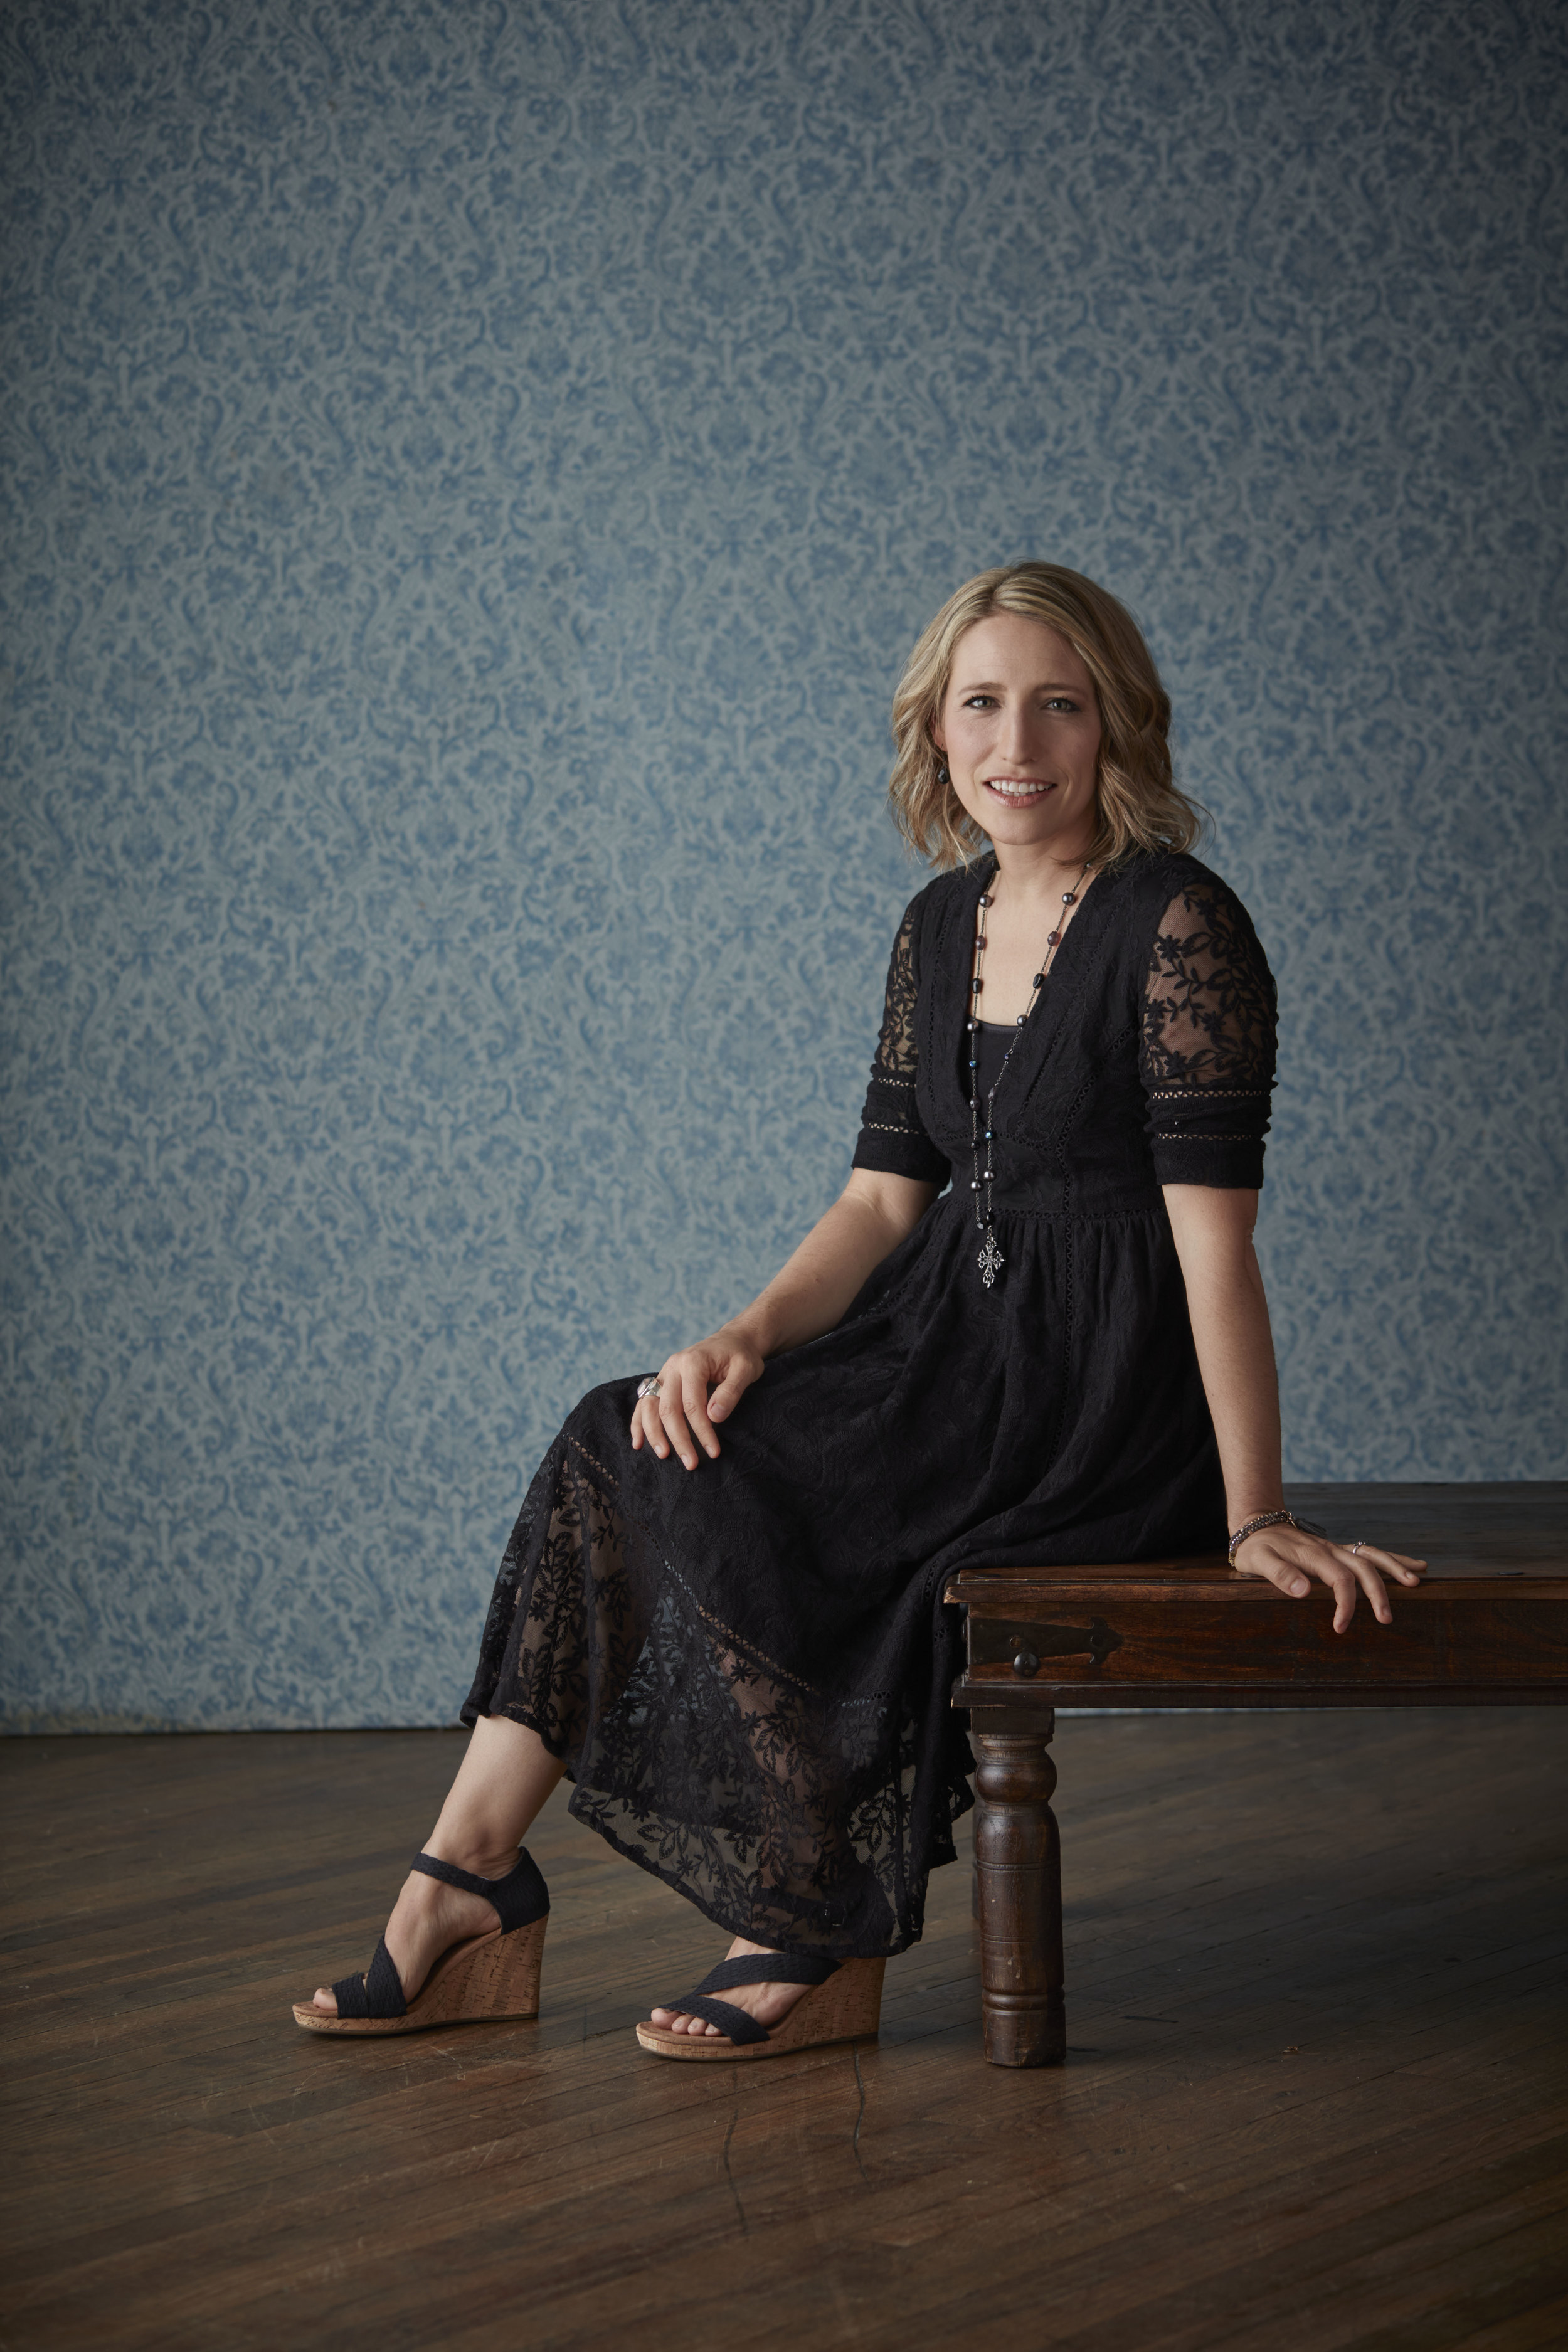 Laura Story PR Photo 3 for website.jpg